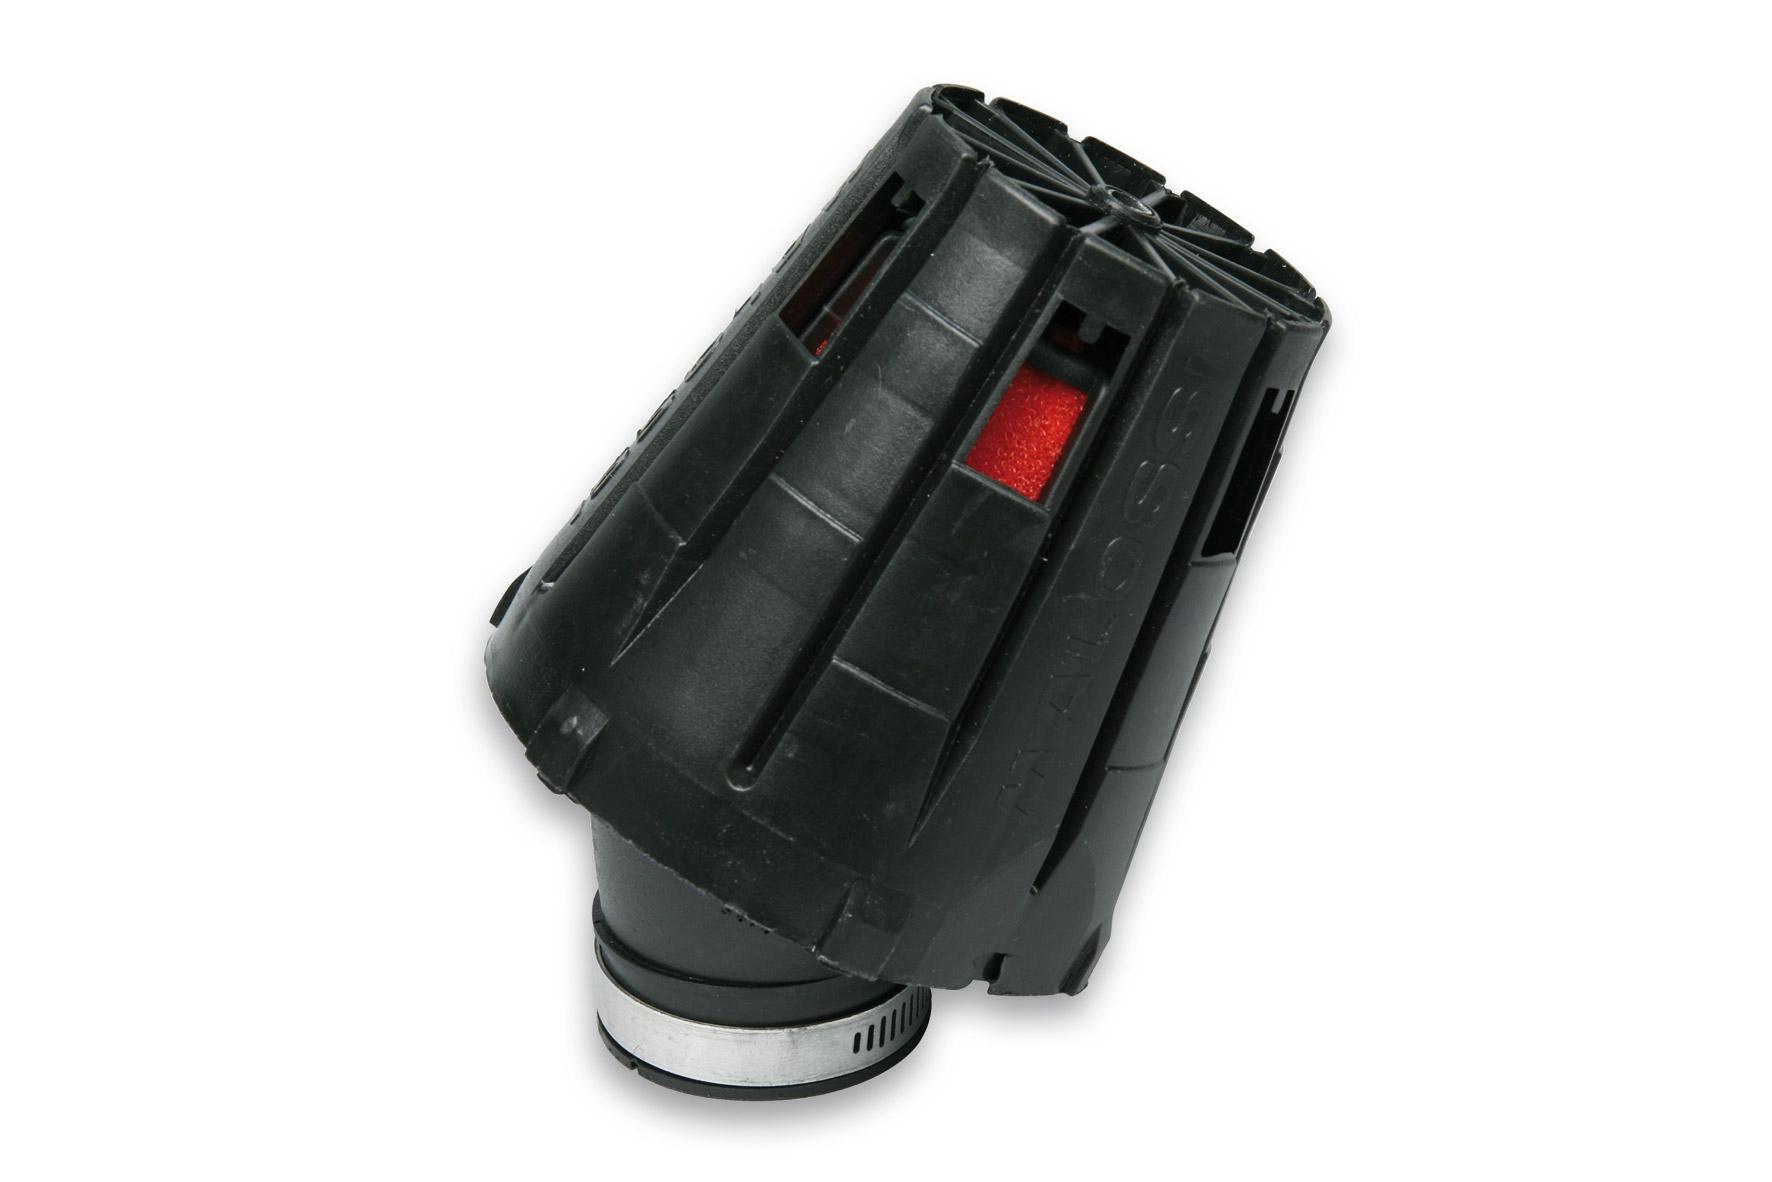 Filtre à air Malossi Red Filter E5 D.41 incliné 30 couvercle noir